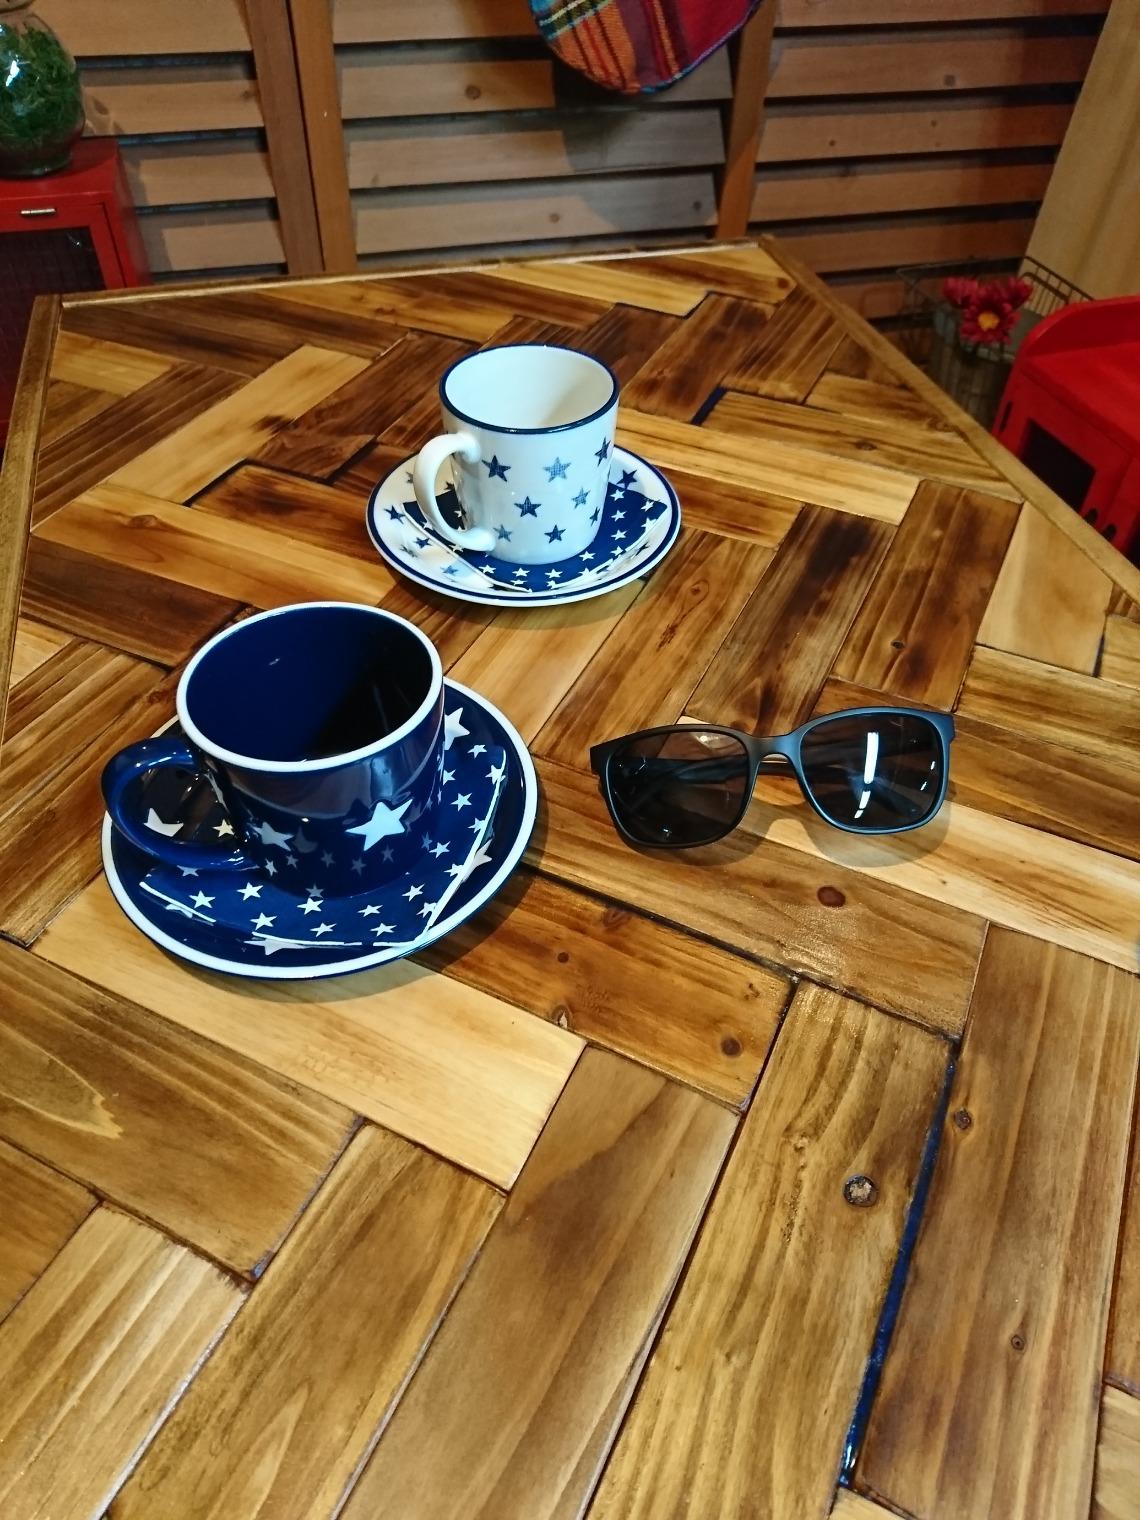 コーヒーテーブル 買取 福井県越前市 鯖江市 出張 出張買取 サンステッププラス越前店